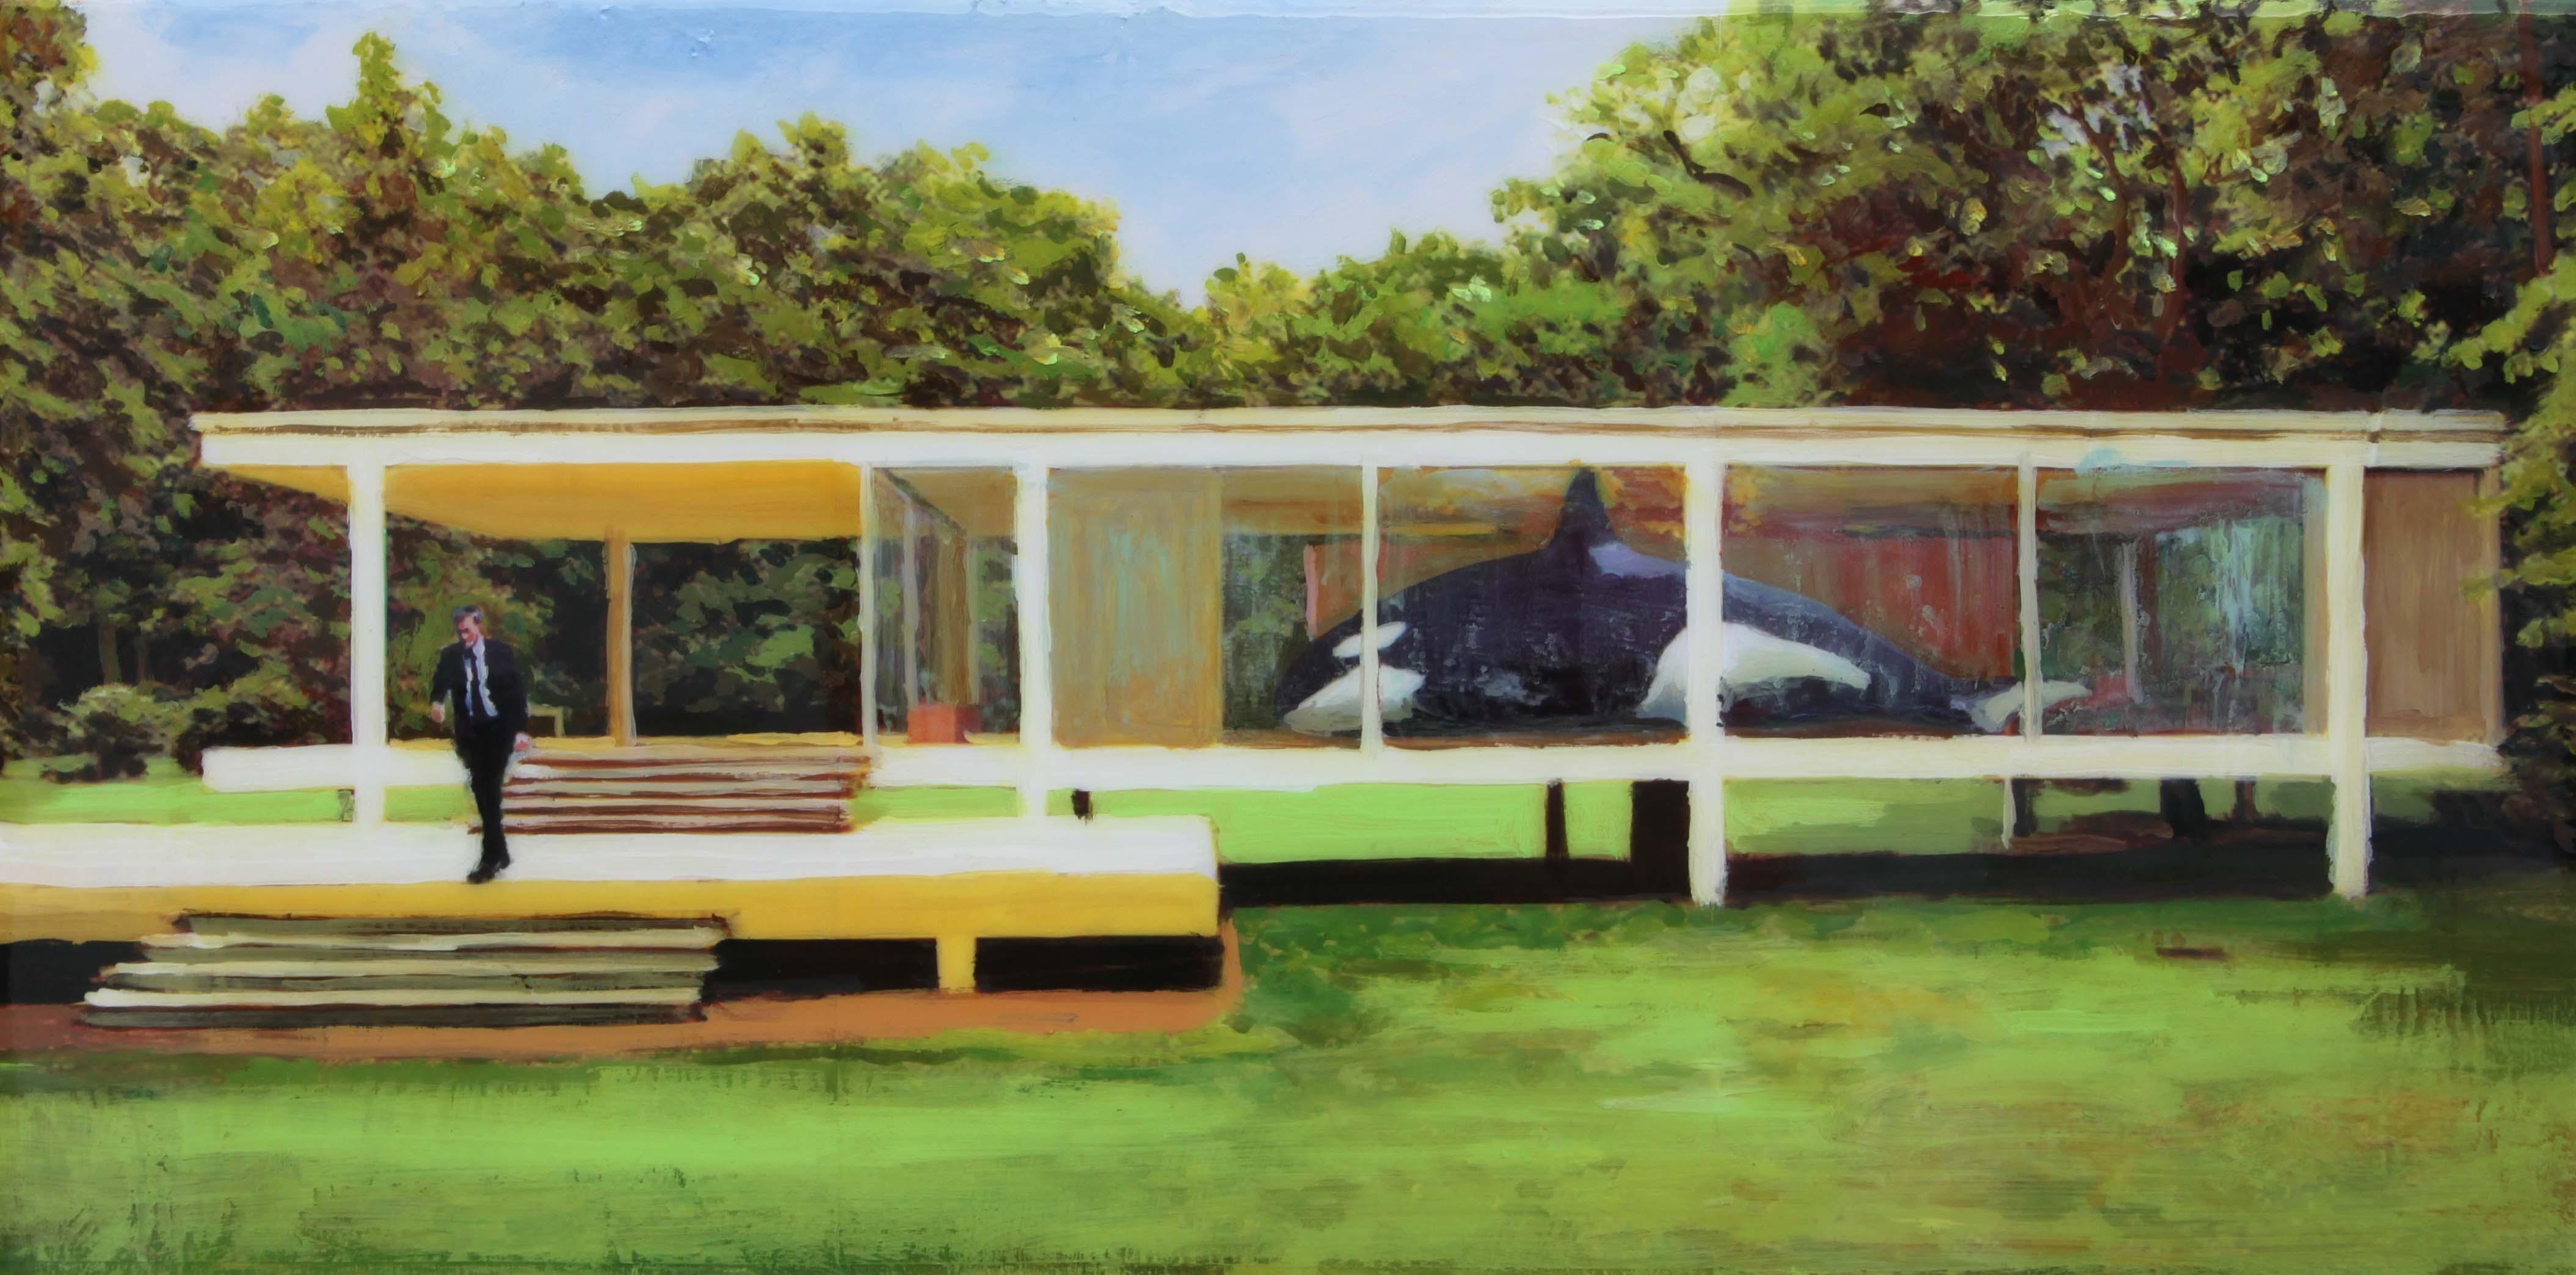 El coleccionista. 30x60 cm. Acrílico y resina sobre tabla